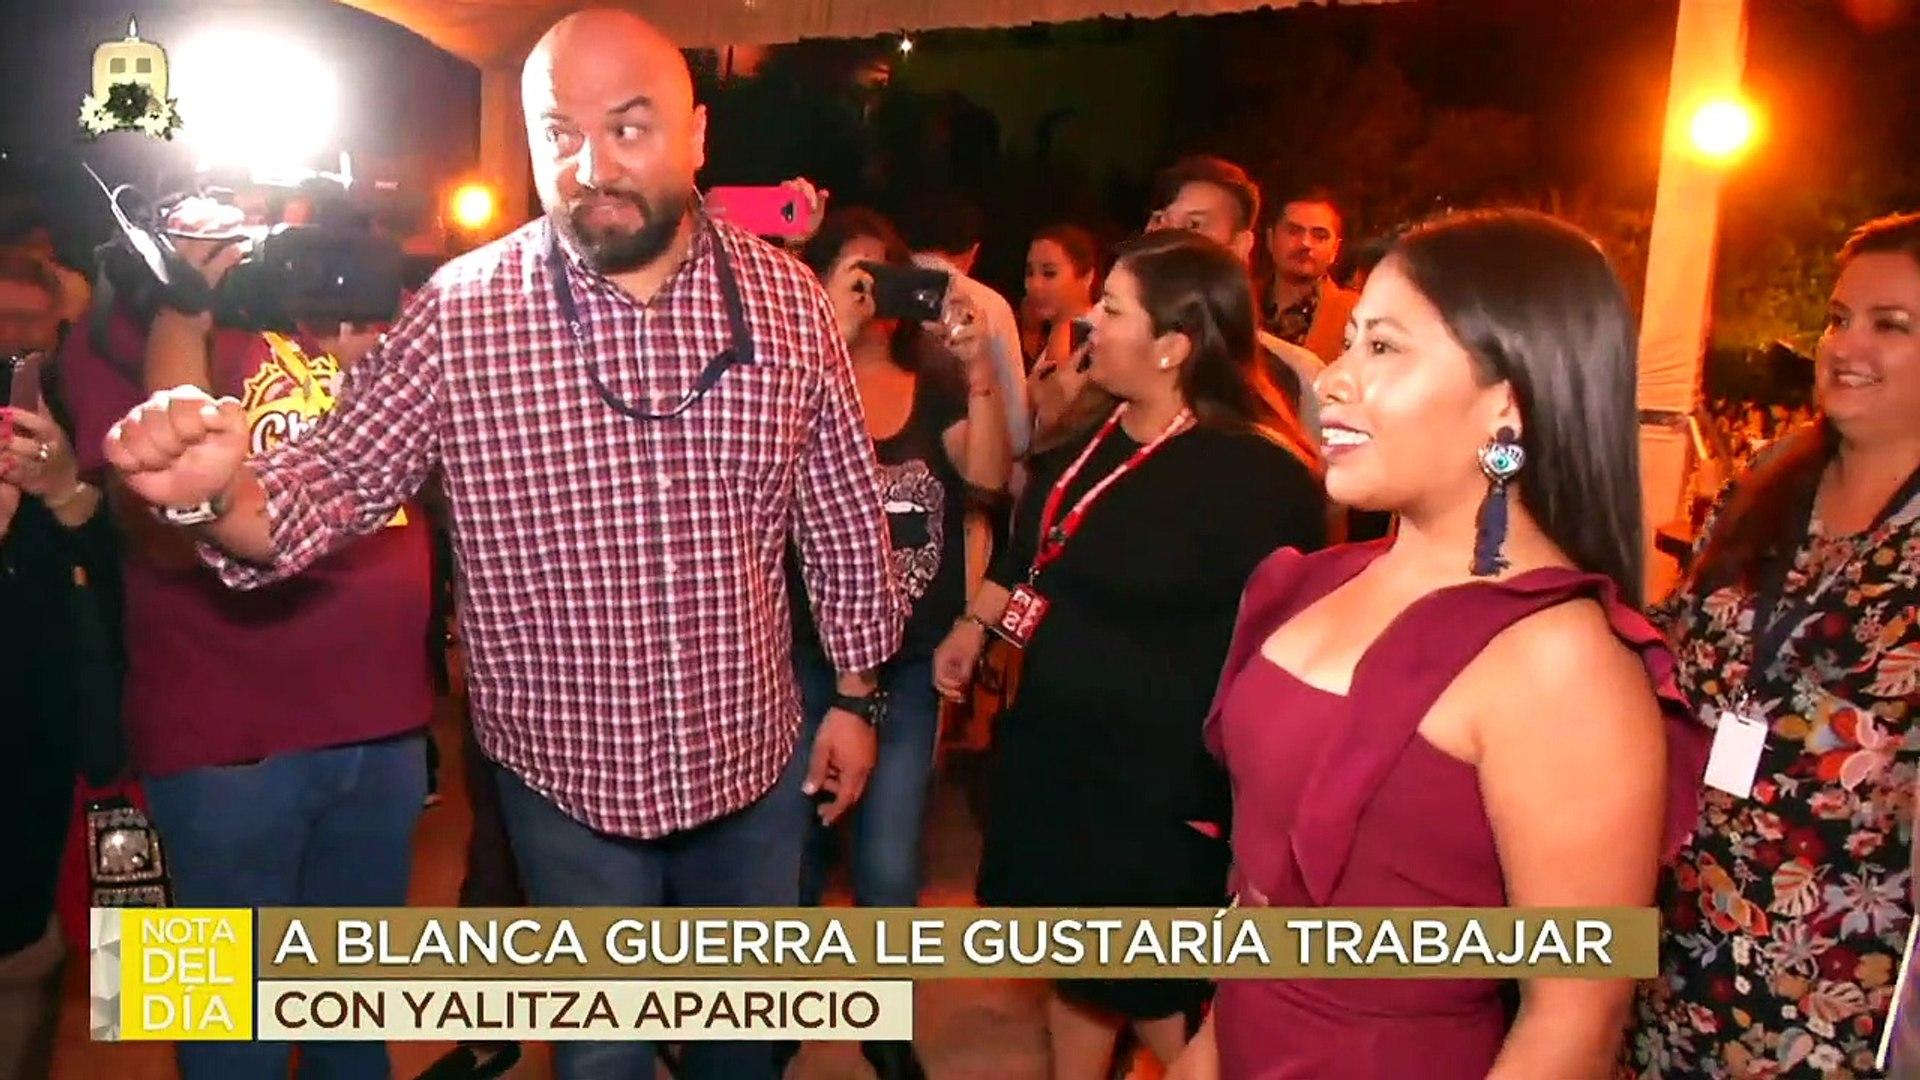 ¡Blanca Guerra confiesa que le gustaría trabajar con Yalitza Aparicio! | Ventaneando